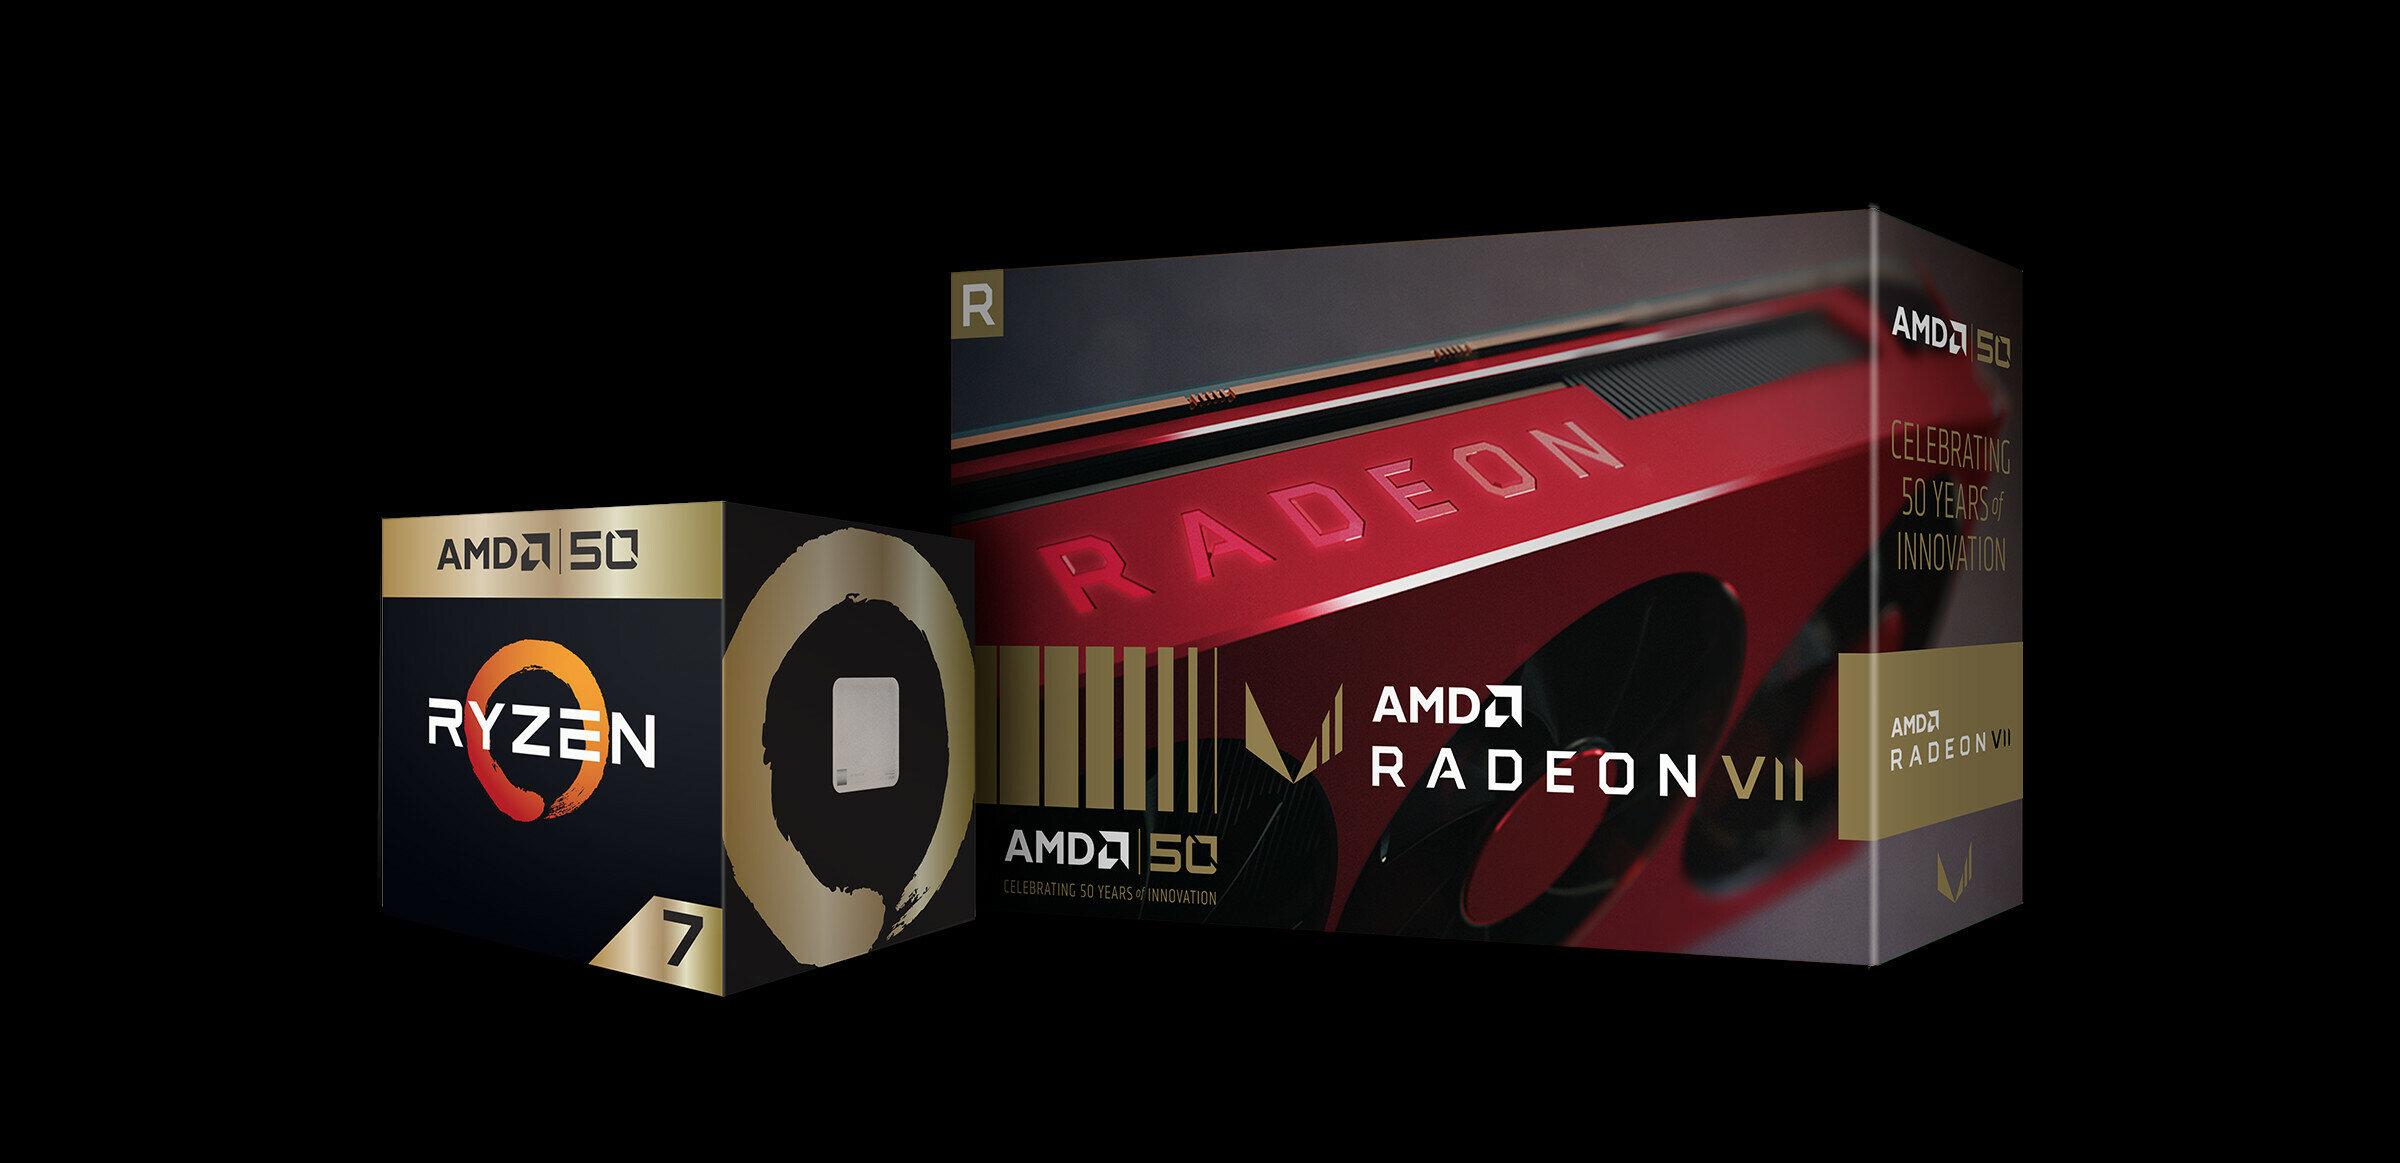 AMD : éditions spéciales, bundles et promotions à l'occasion des 50 ans de la marque